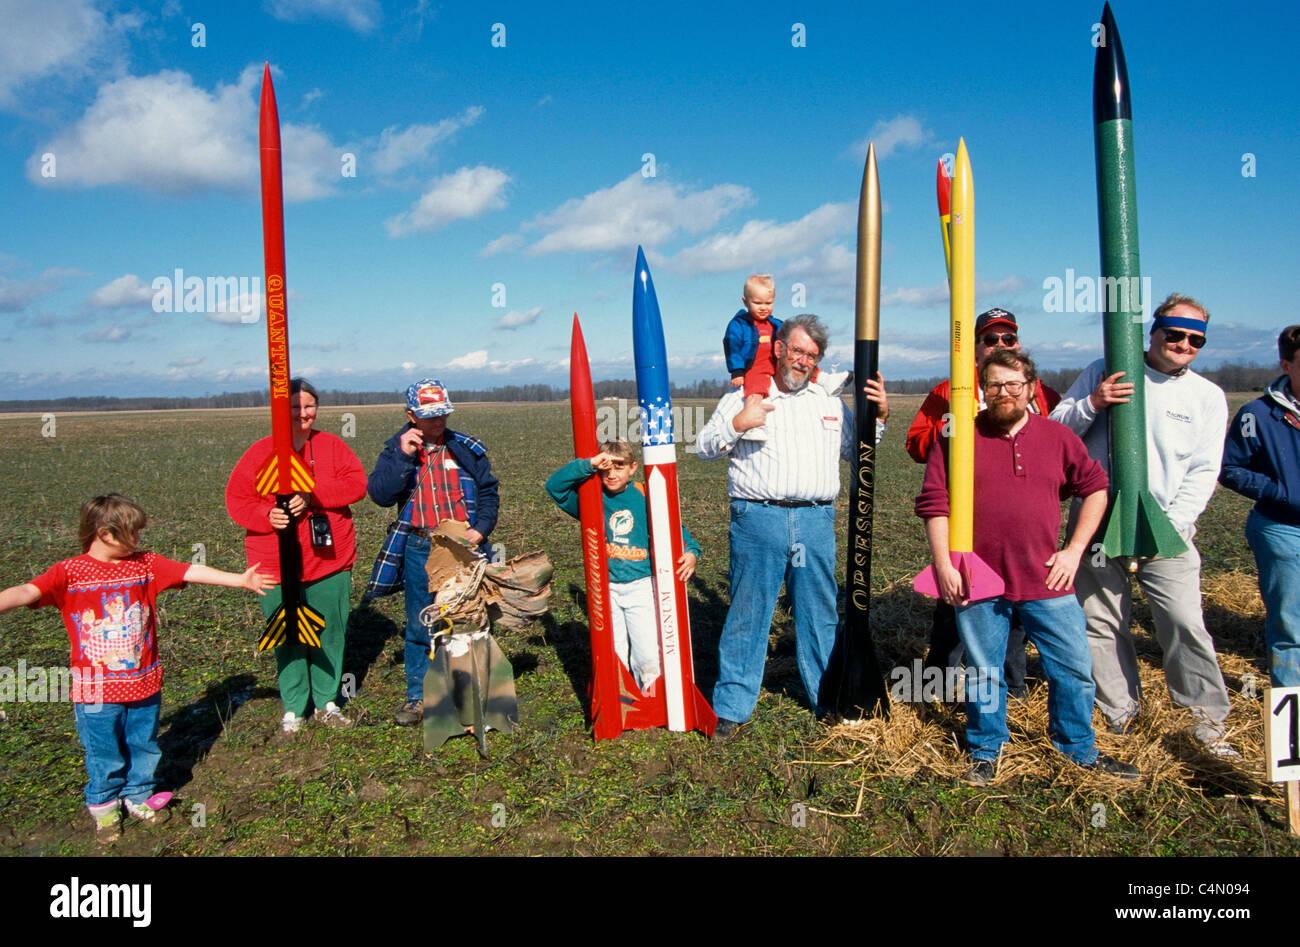 Amateur rocket launch should